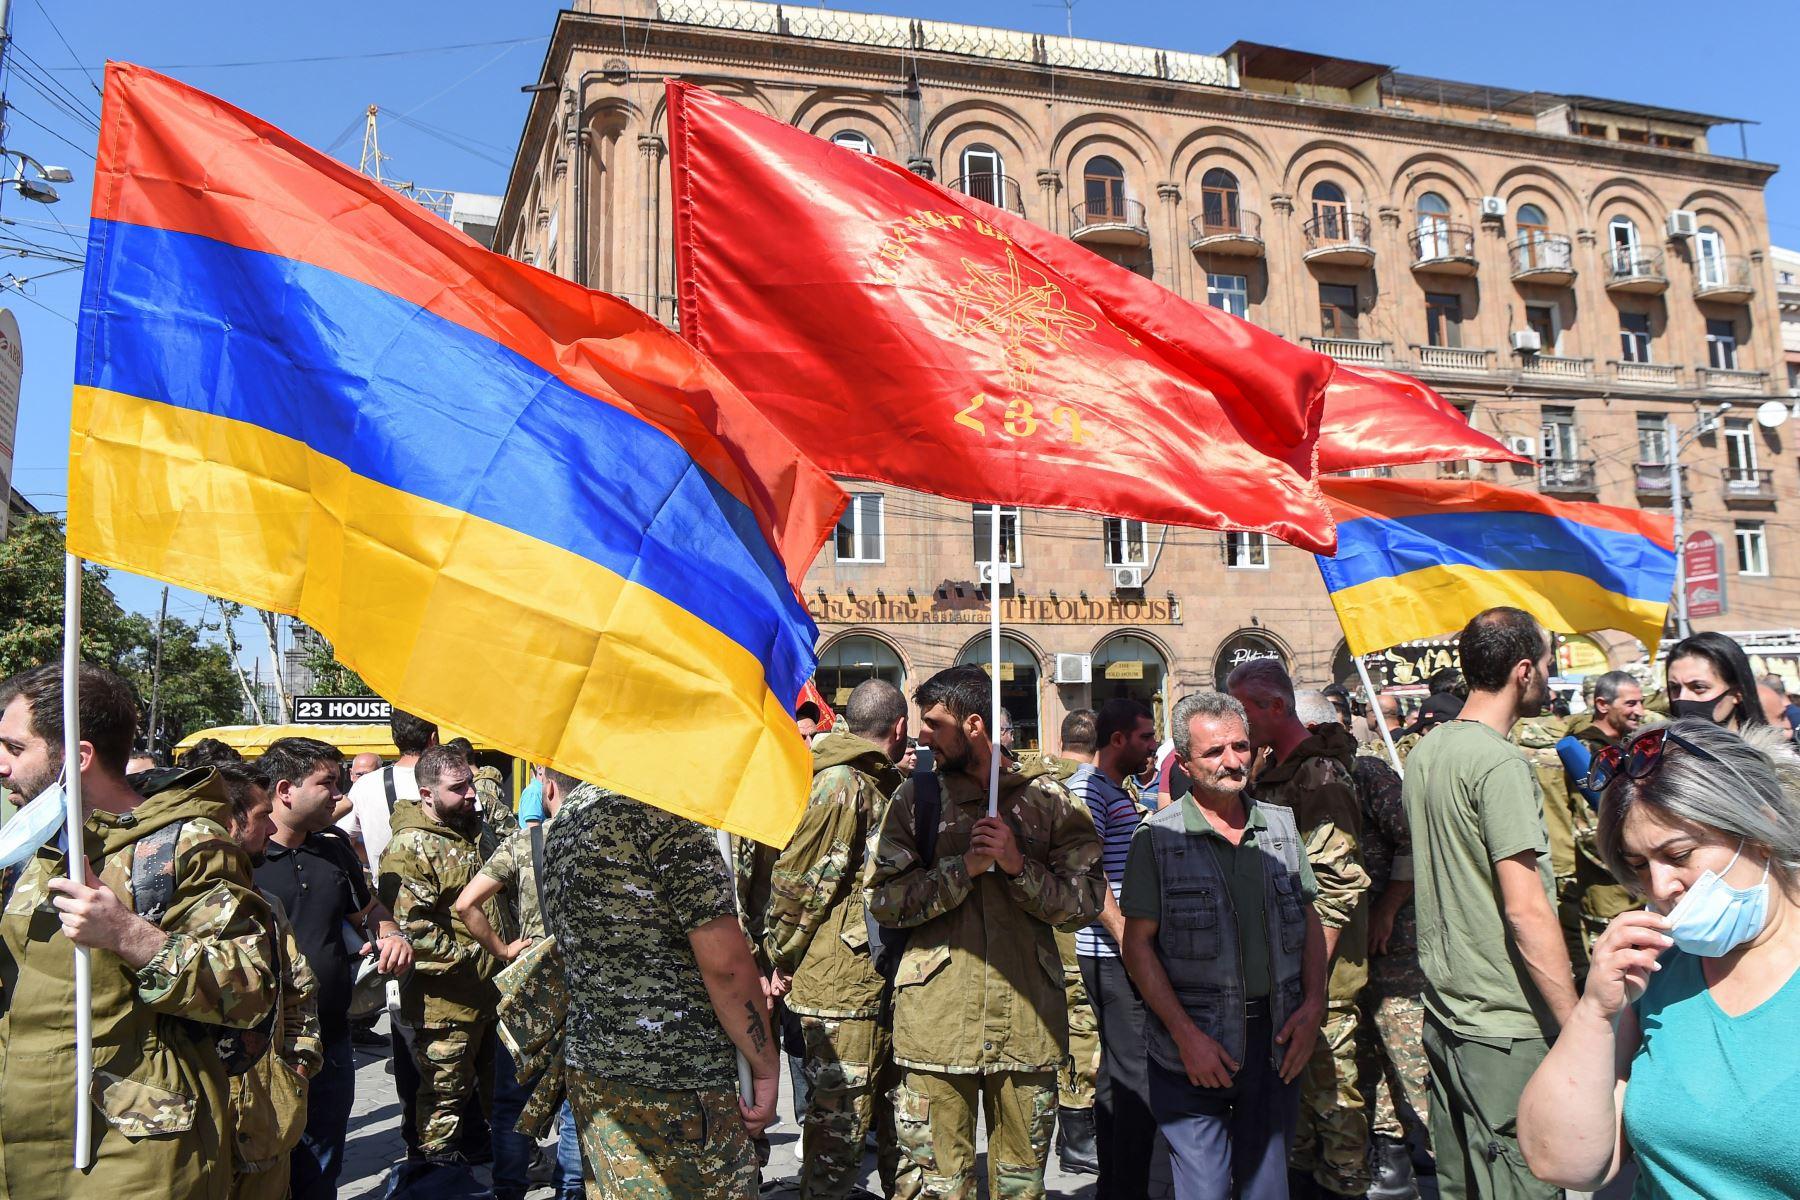 Voluntarios de la Federación Revolucionaria Armenia se reúnen para partir hacia Artsaj (región de Nagorny-Karabah), donde se ha declarado la ley marcial cerca de la estatua de Aram Manukyan en Ereván, Armenia. Foto: EFE